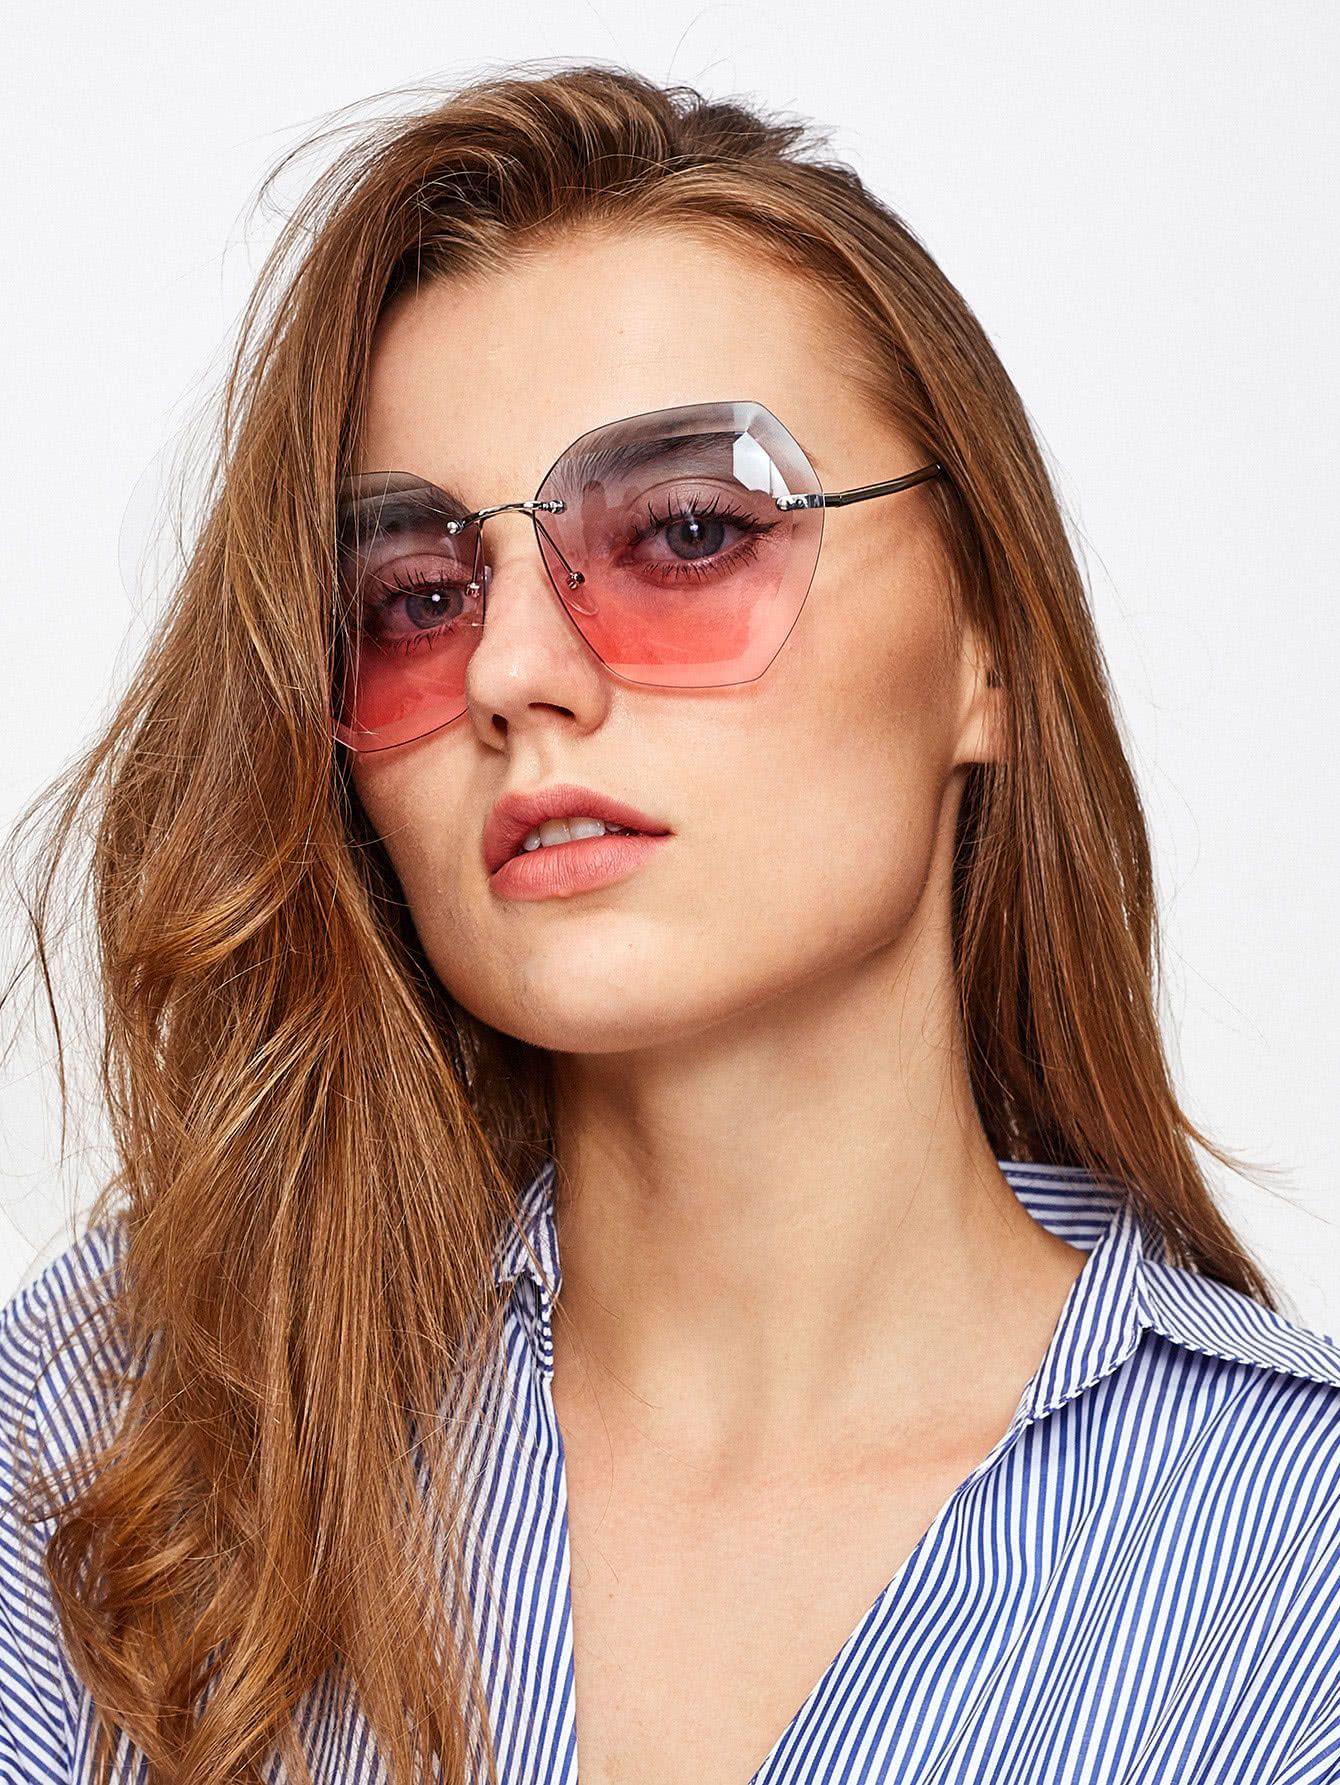 cb23a3b0d0 Модные солнечные очки